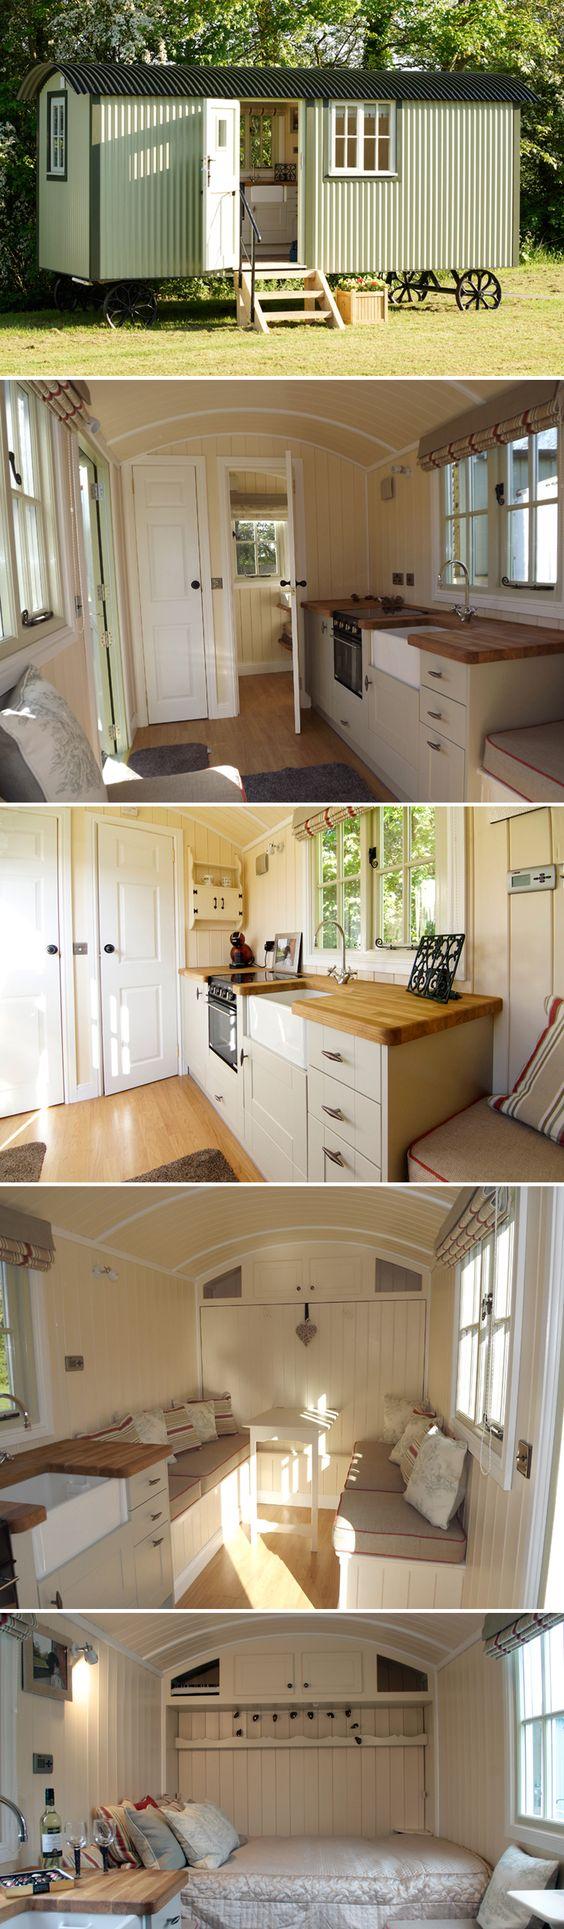 墙床小屋是一个单一的故事(没有阁楼)和客厅墙拉成一张双人床。为了全年的生活,墙壁绝缘良好。